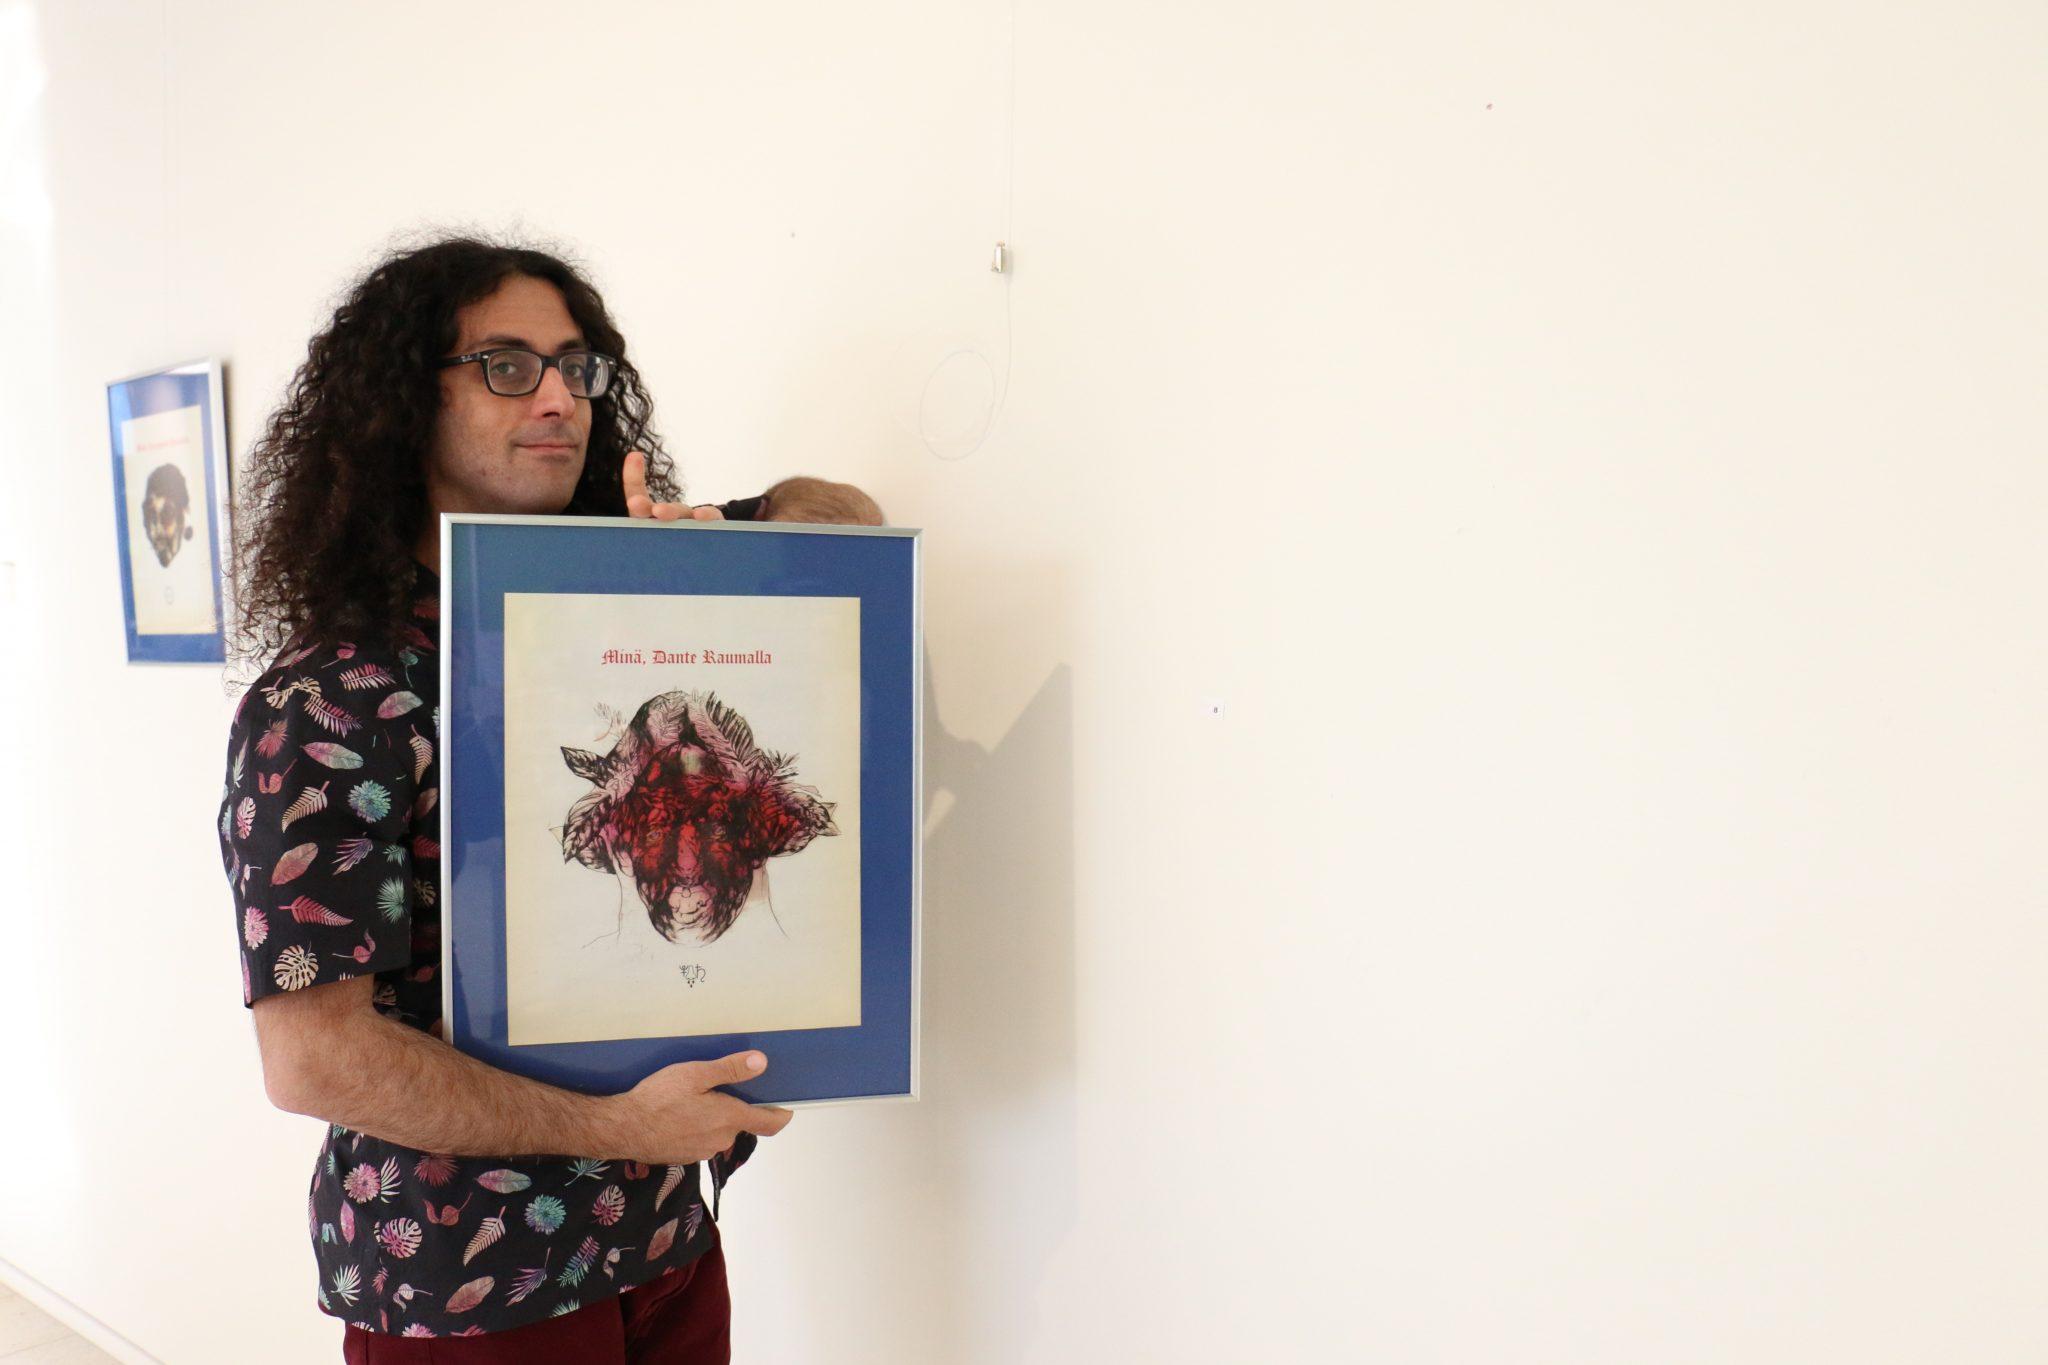 Enrico Mazzone esittelee taulua SAMKin Porin kampuksen taidekäytävällä.